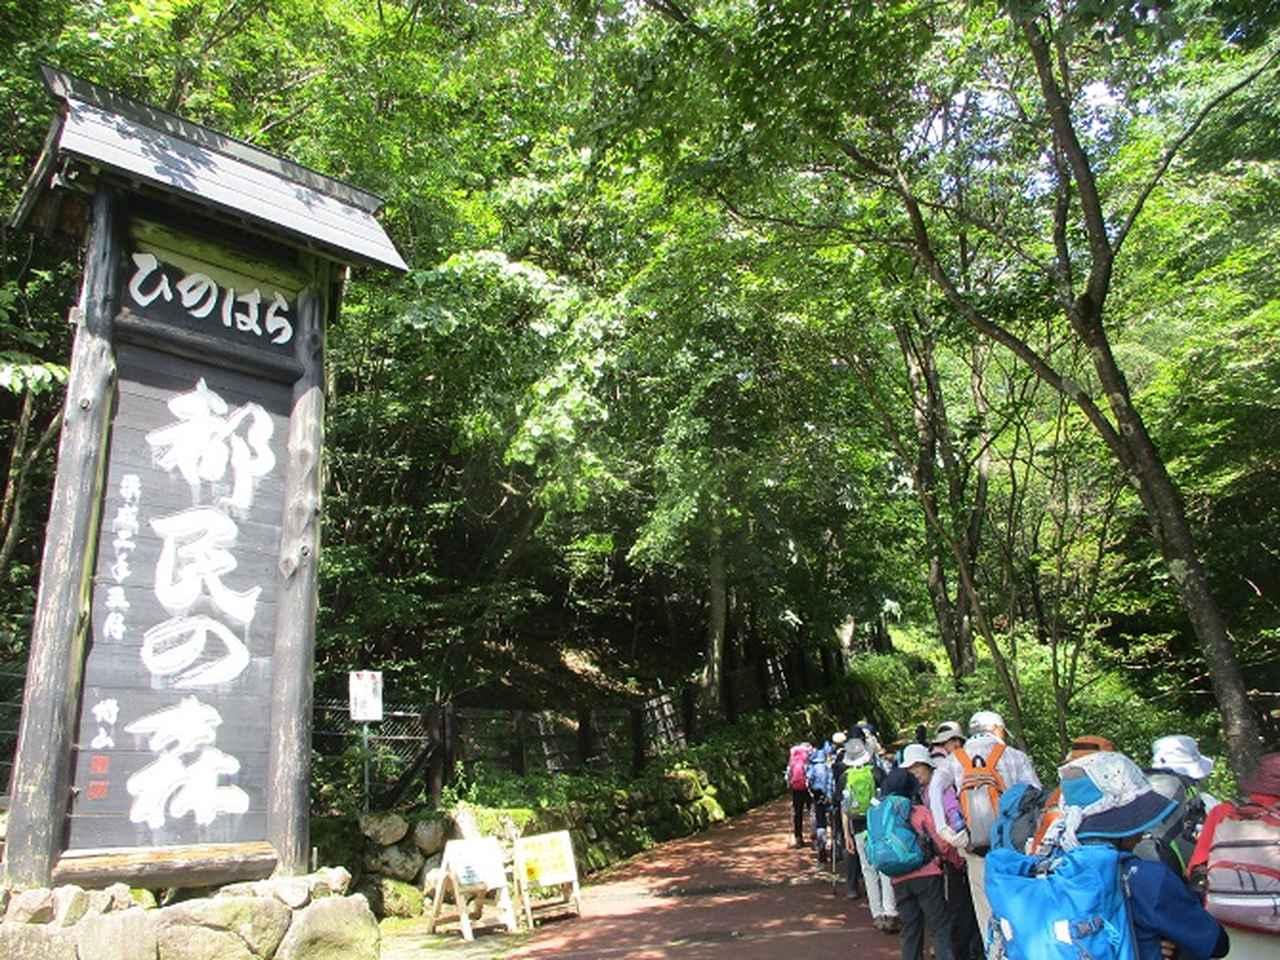 画像1: 8月8日に岡田ガイドのコースで東京都と山梨県にまたがる日本300名山・山梨100名山の 三頭山 へ行ってきました♪